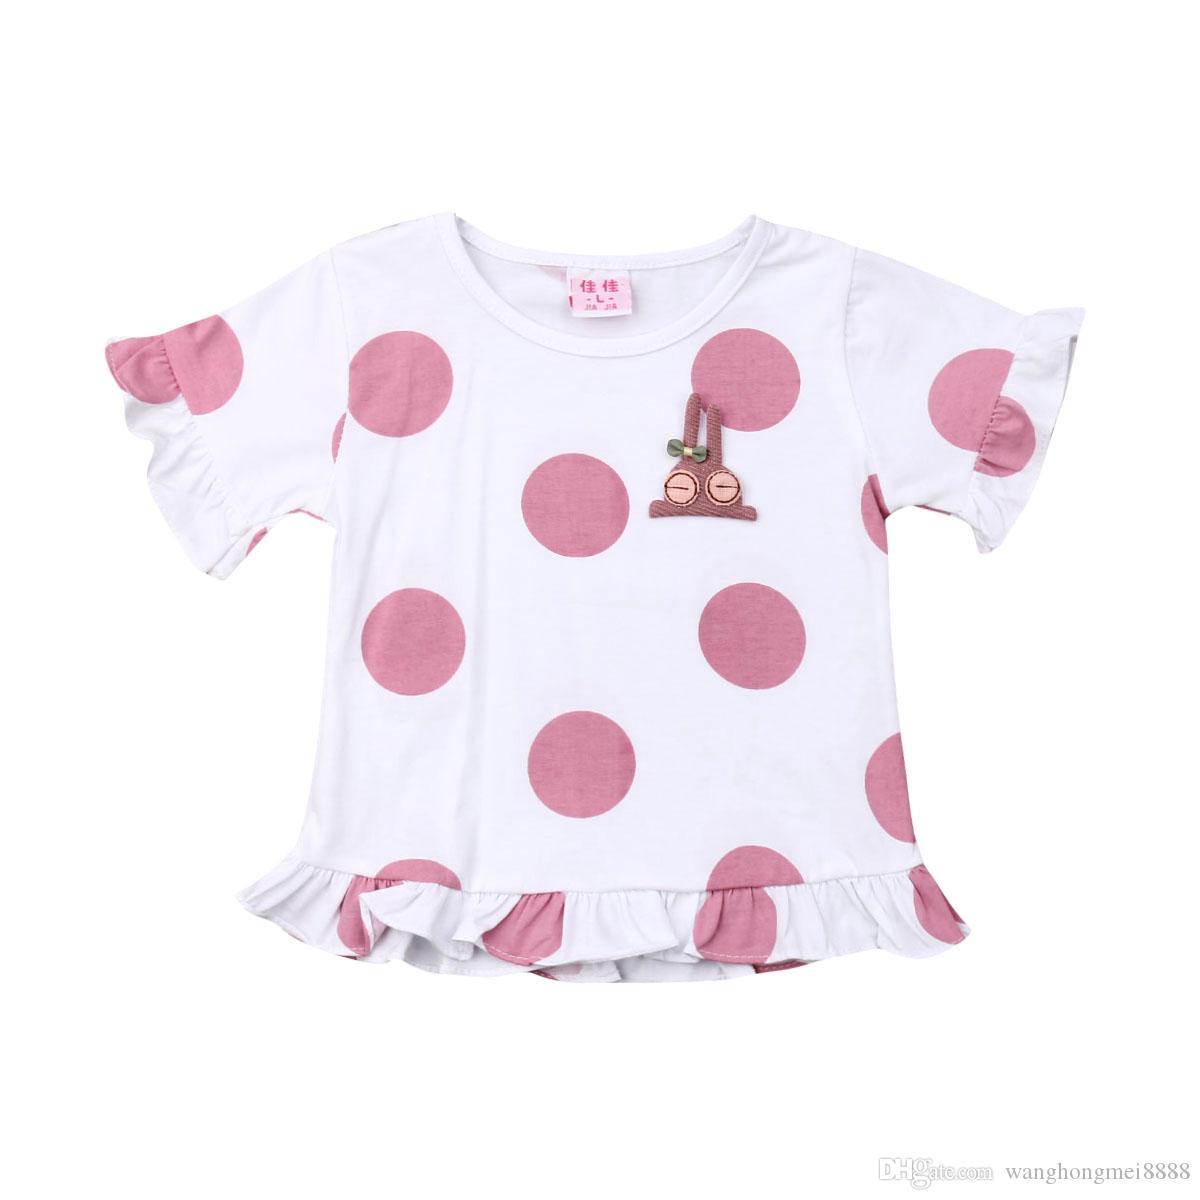 Neonato Neonato Bambino carino Neonata Polka Dot T-shirt in cotone Ruffle Imcute Nuova estate Moda Abiti Abiti Top